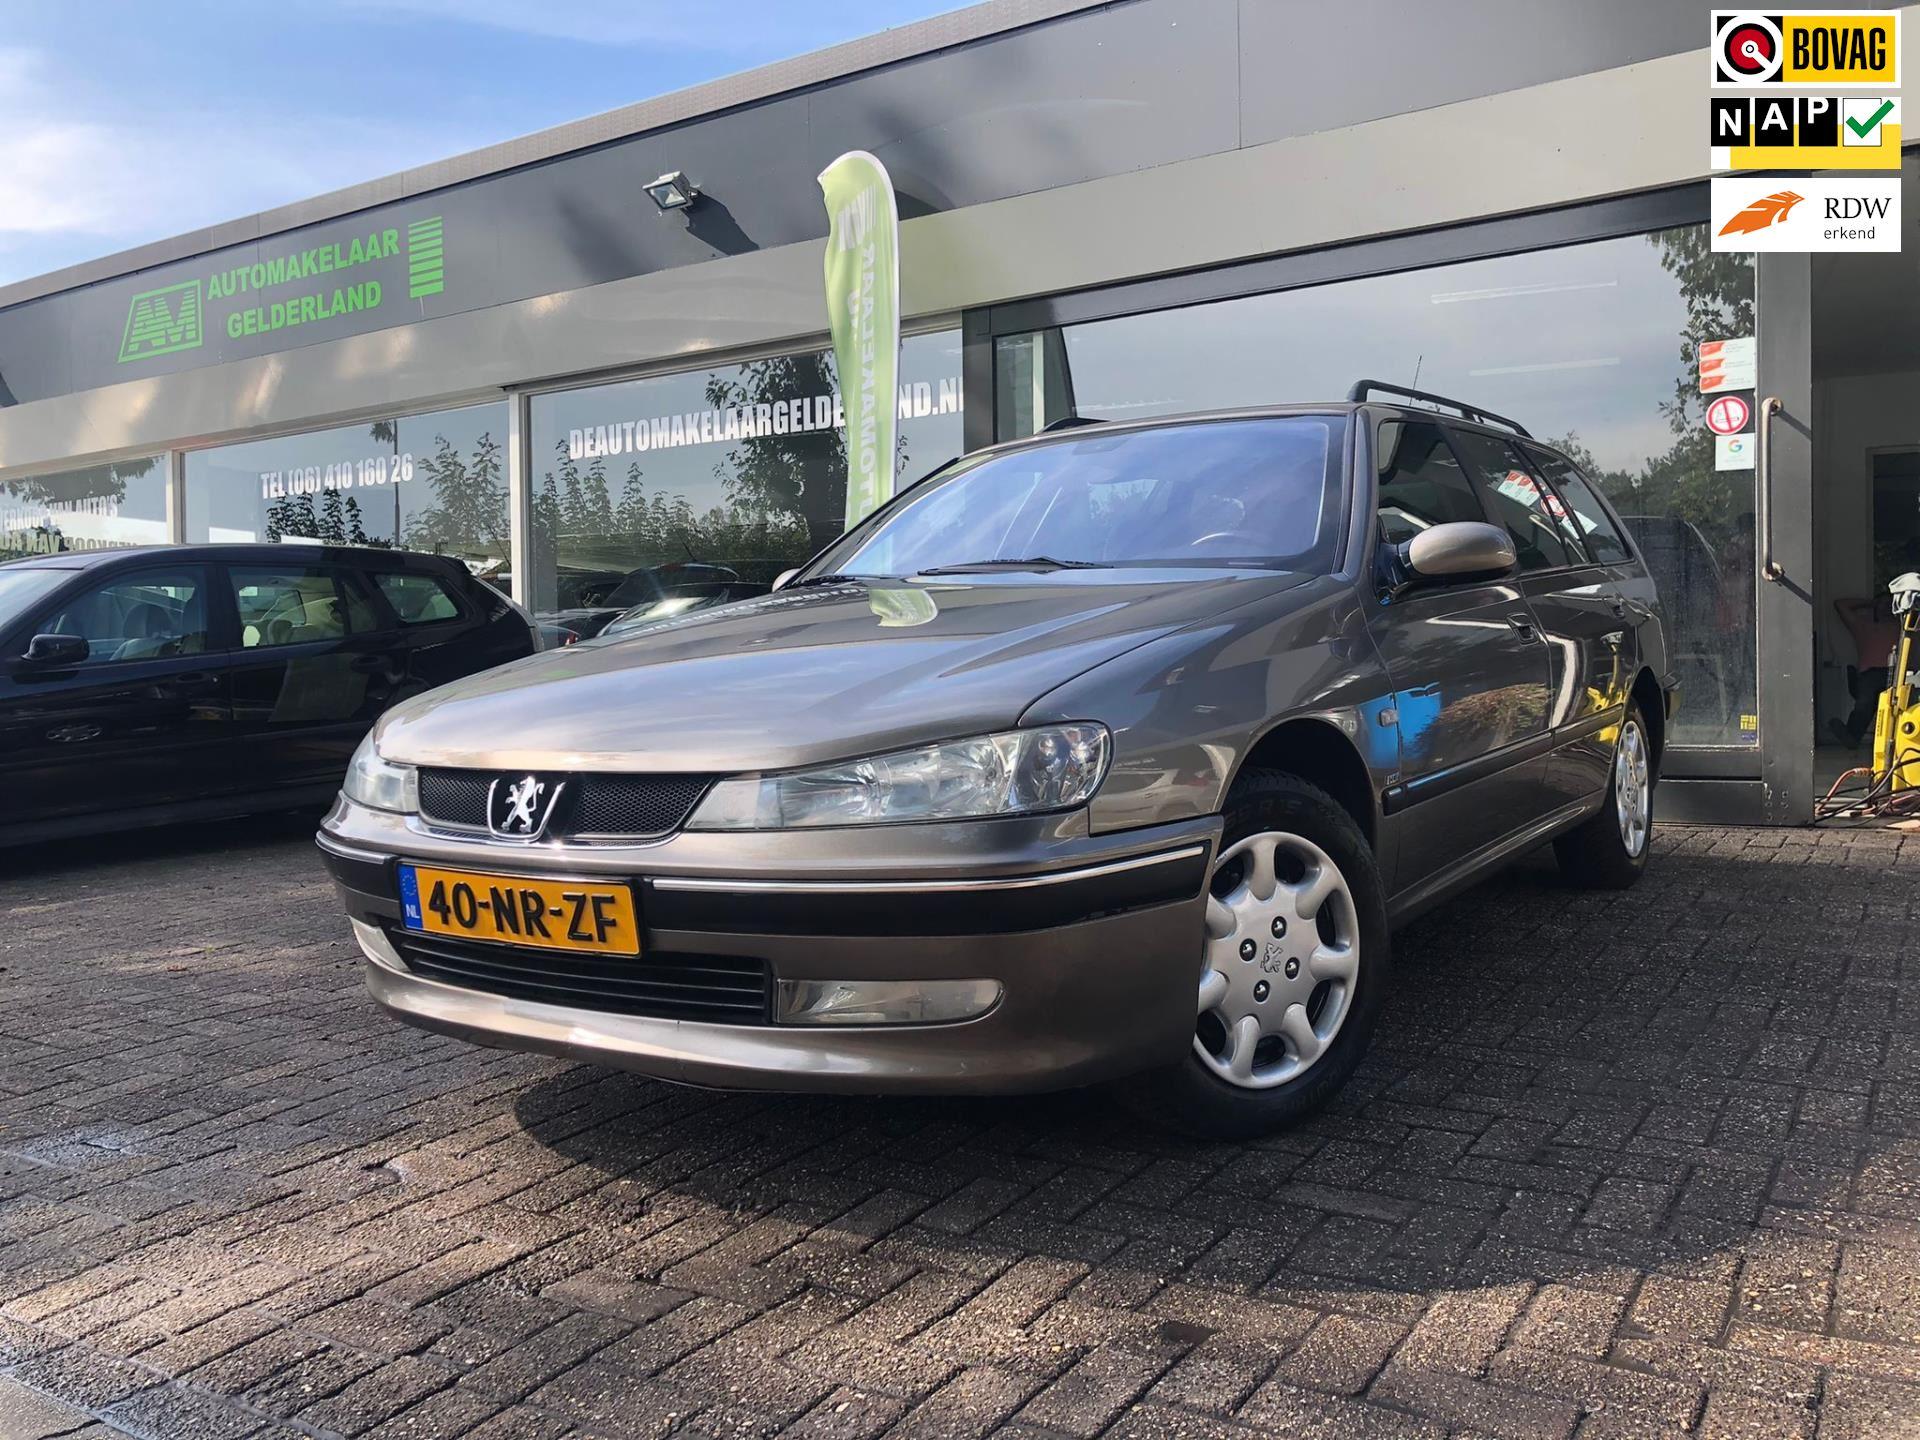 Peugeot 406 Break occasion - De Automakelaar Gelderland